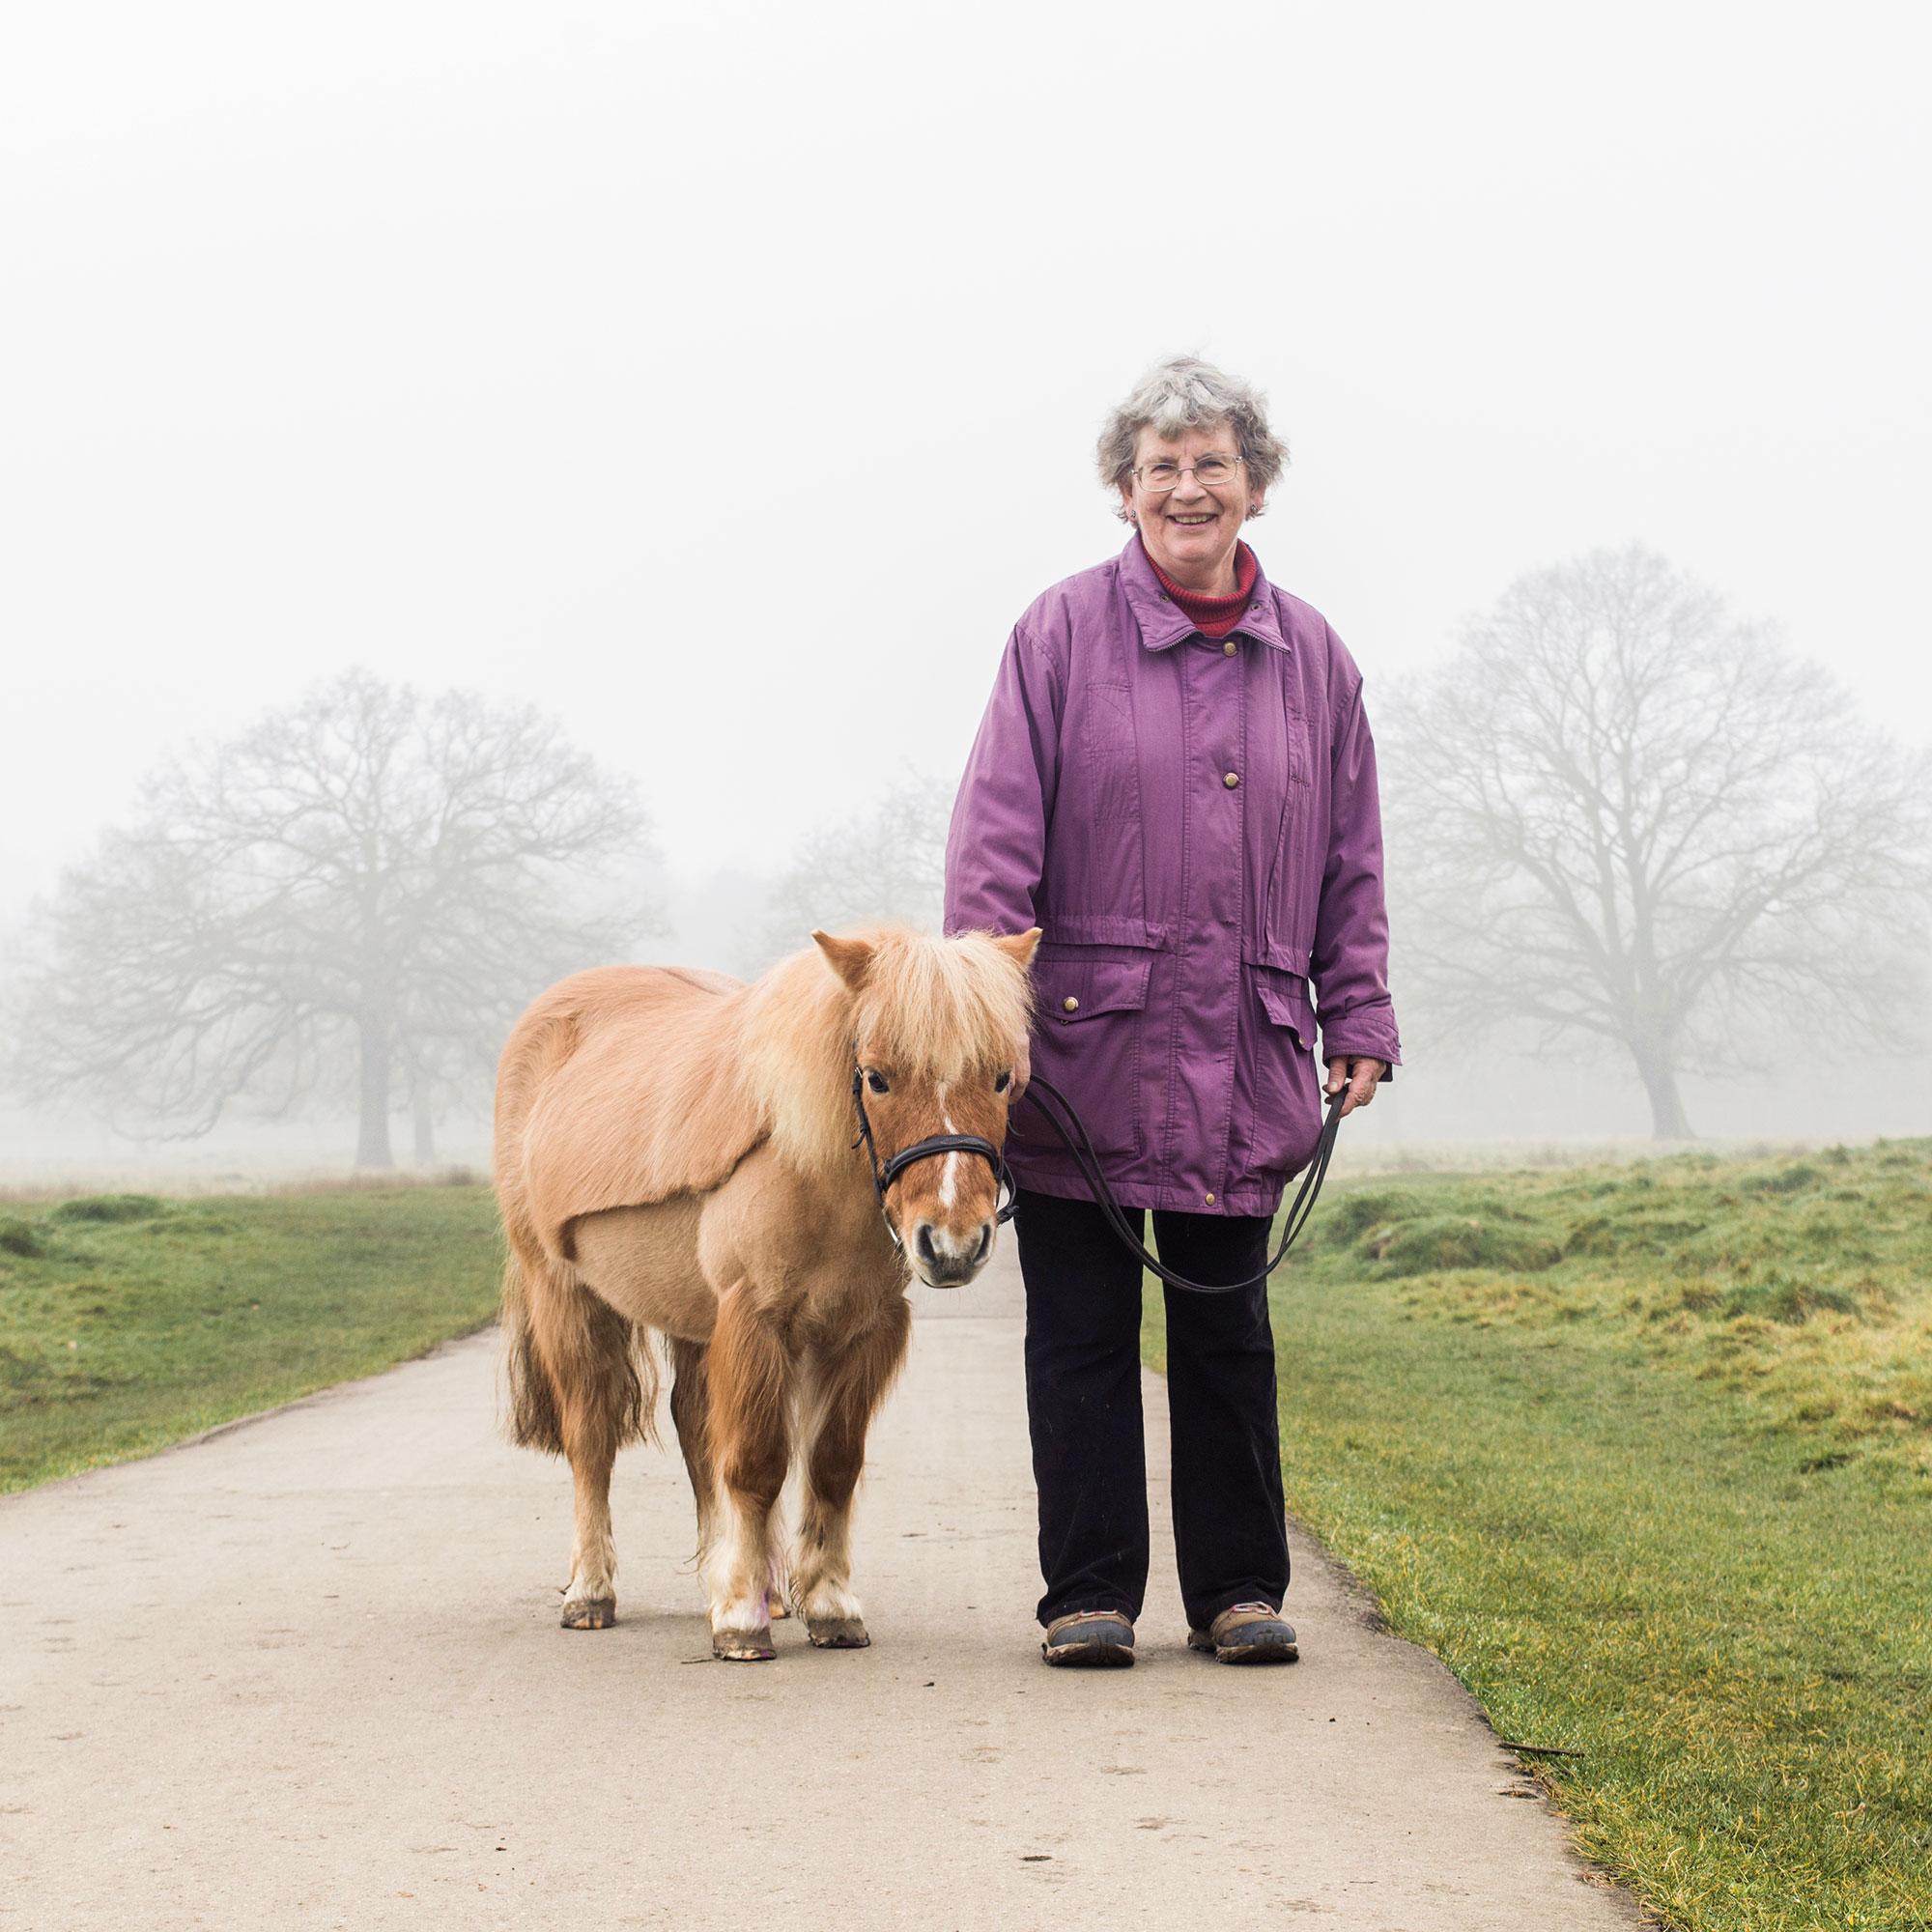 Julian-Ward-Horse-Portrait.jpg